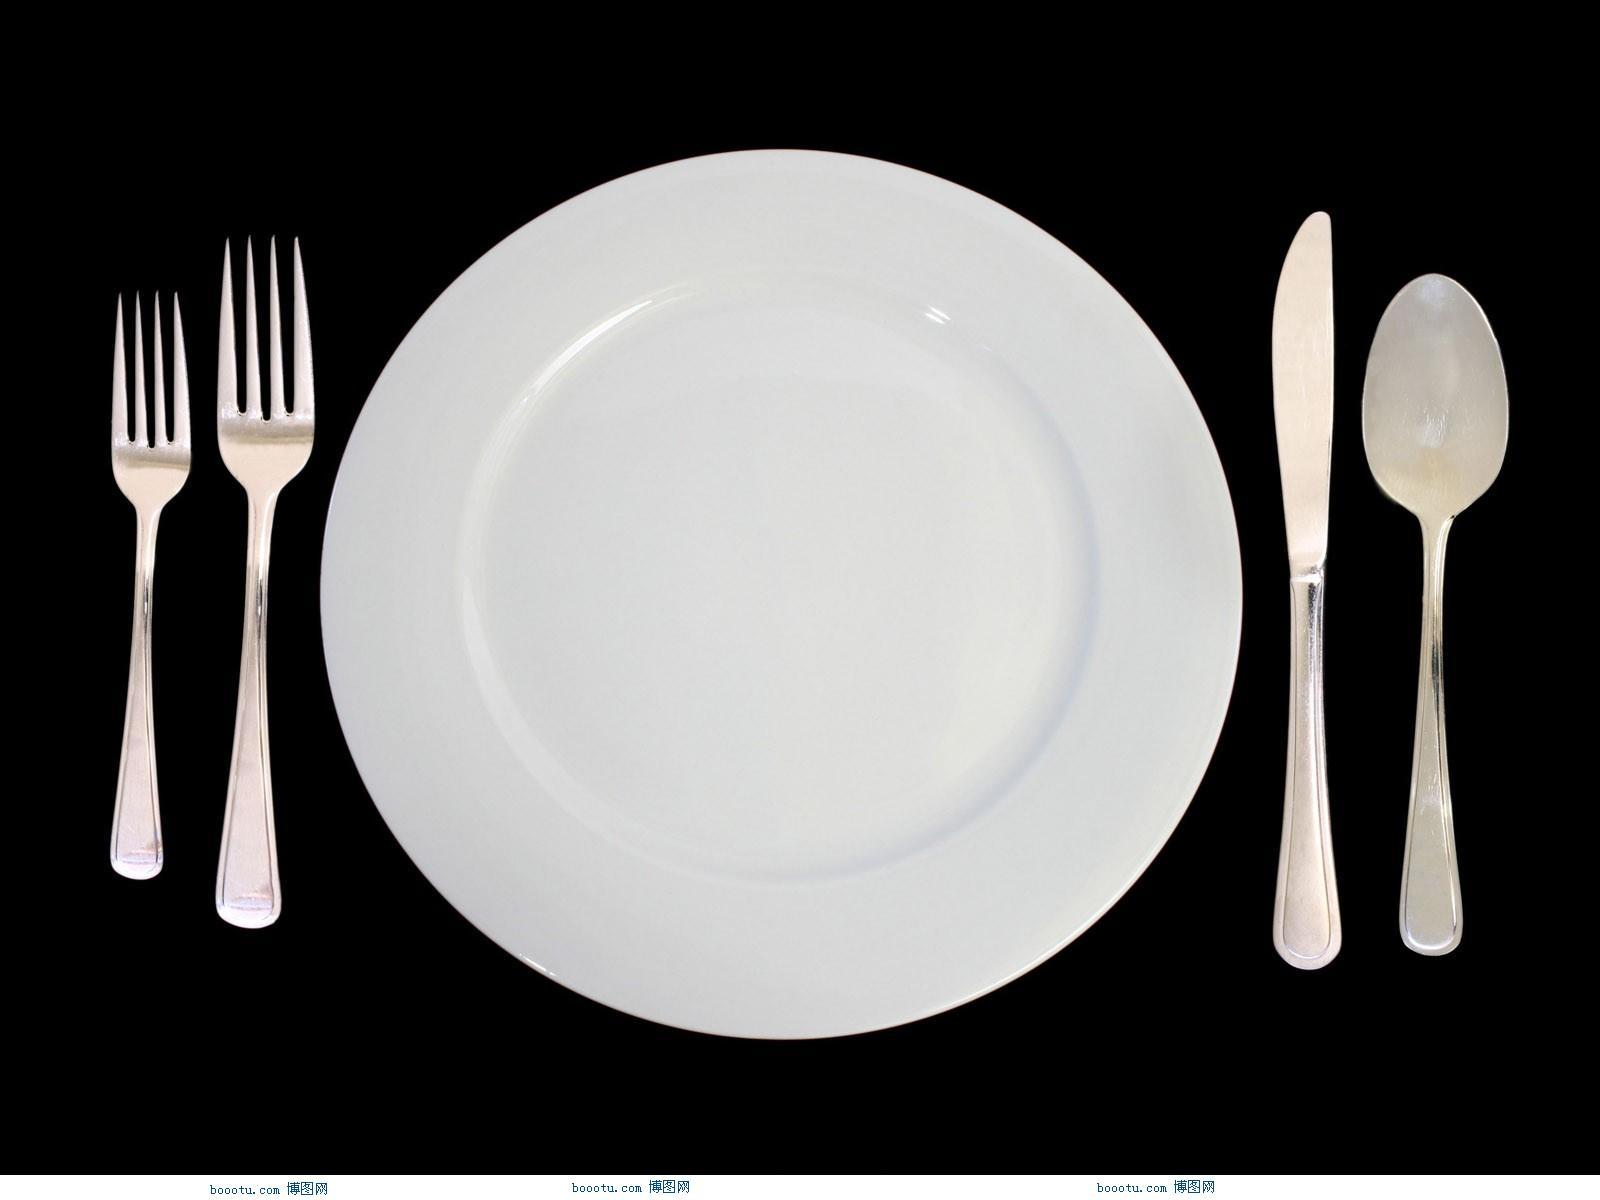 西餐哪只手拿刀_吃西餐怎么拿刀叉图解_百度知道